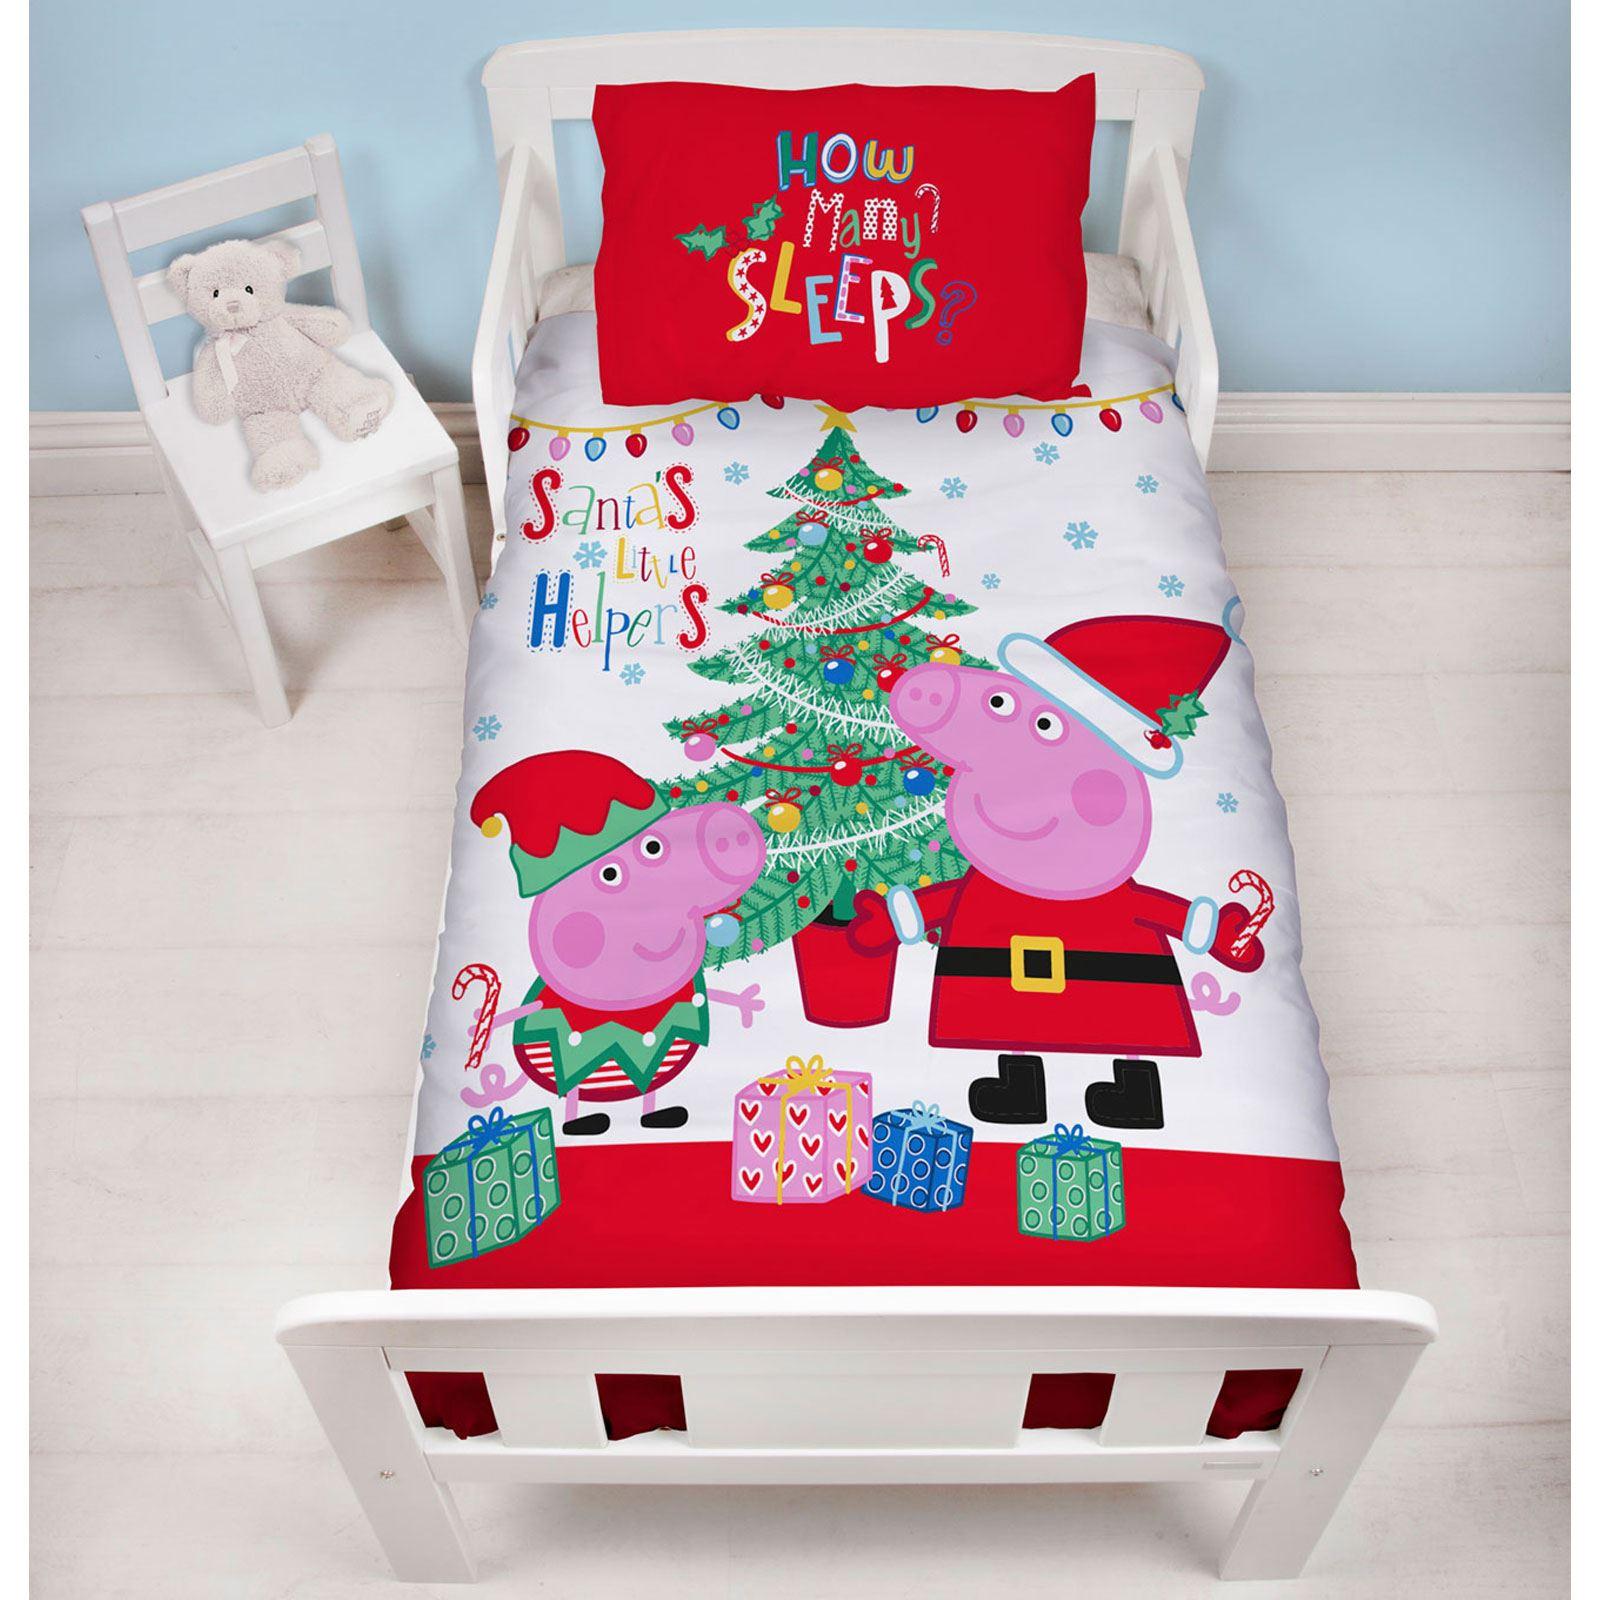 Indexbild 55 - Kinder Weihnachten Bettbezug Sets - Junior Einzel Doppel King - Elf Emoji Grinch